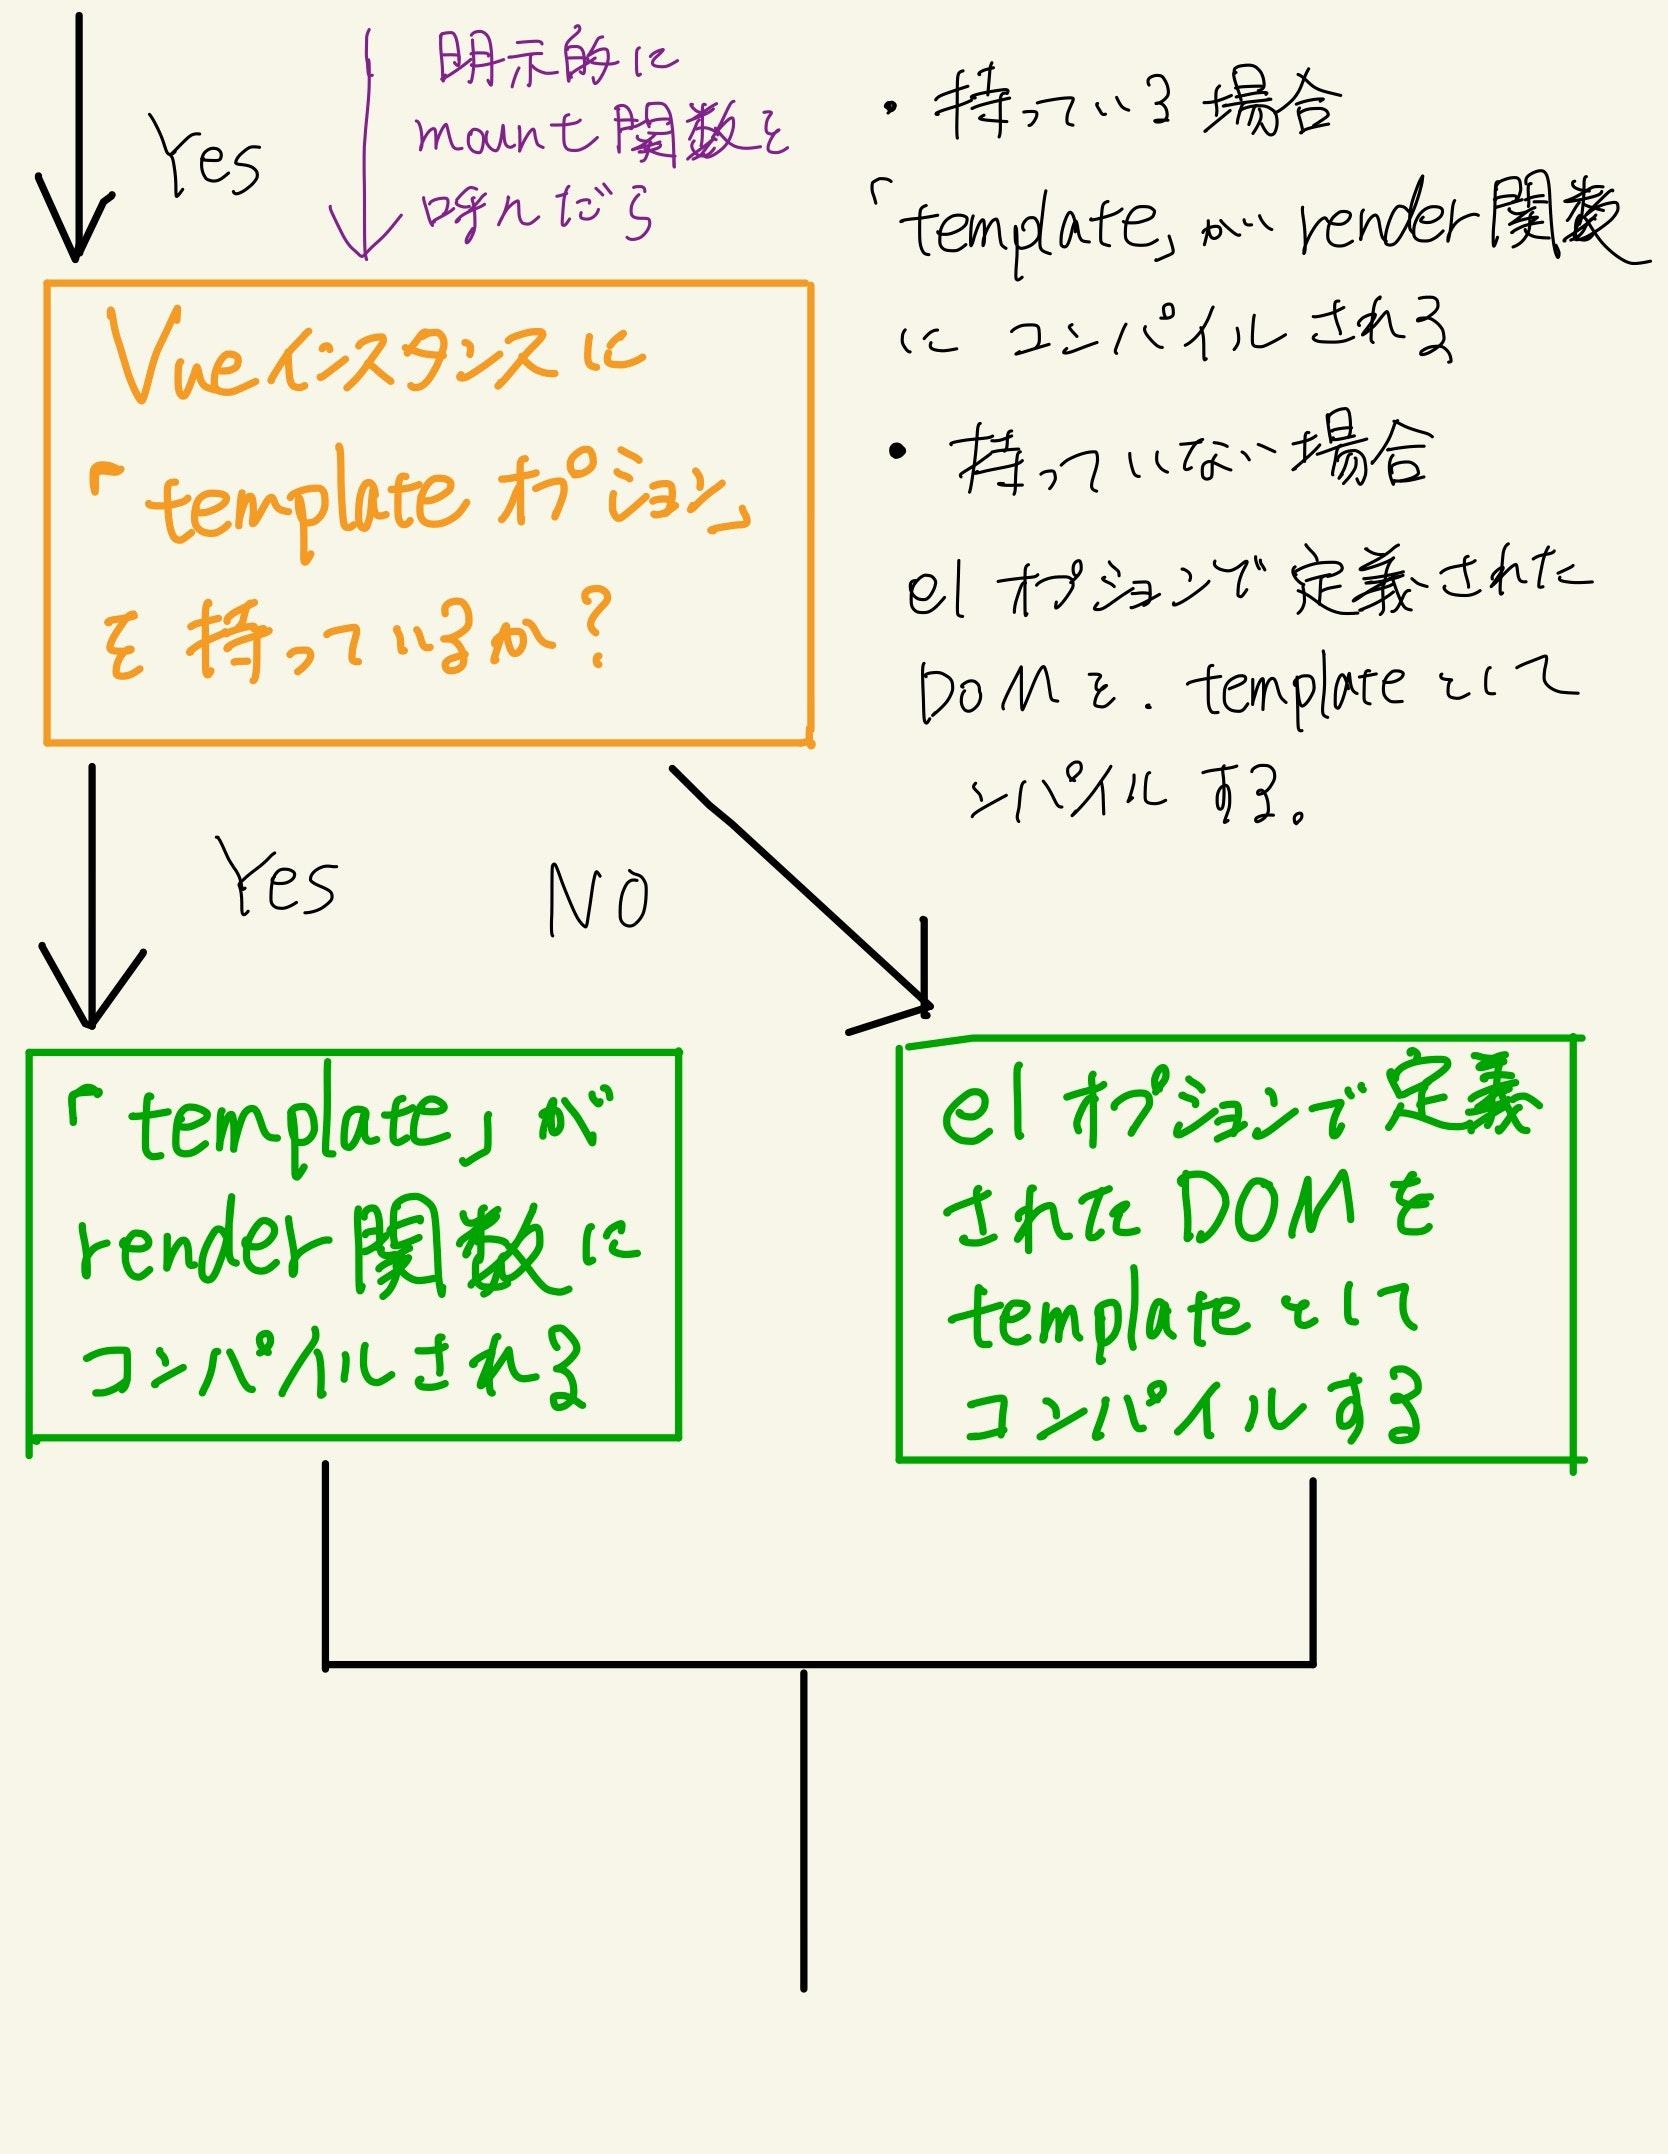 Vue-12.jpg